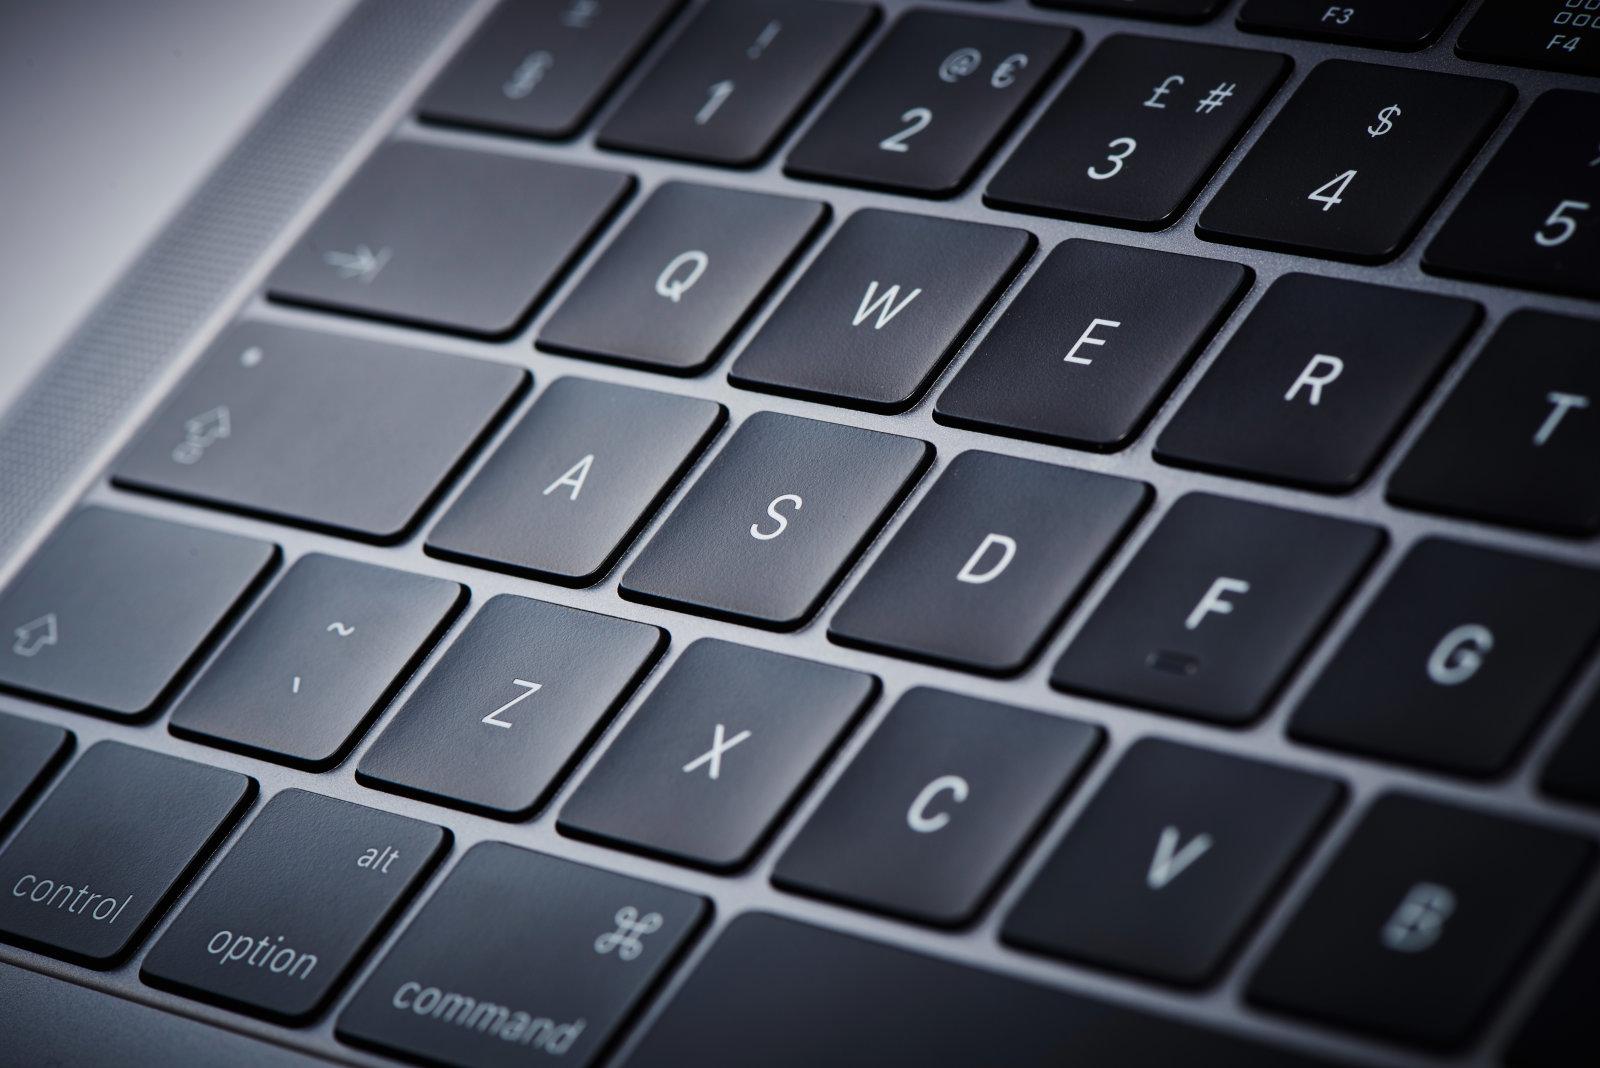 43464fe3ab MacBook Pro 2018のスピーカーにノイズが入る不具合? 複数ユーザーから報告あり - Engadget 日本版